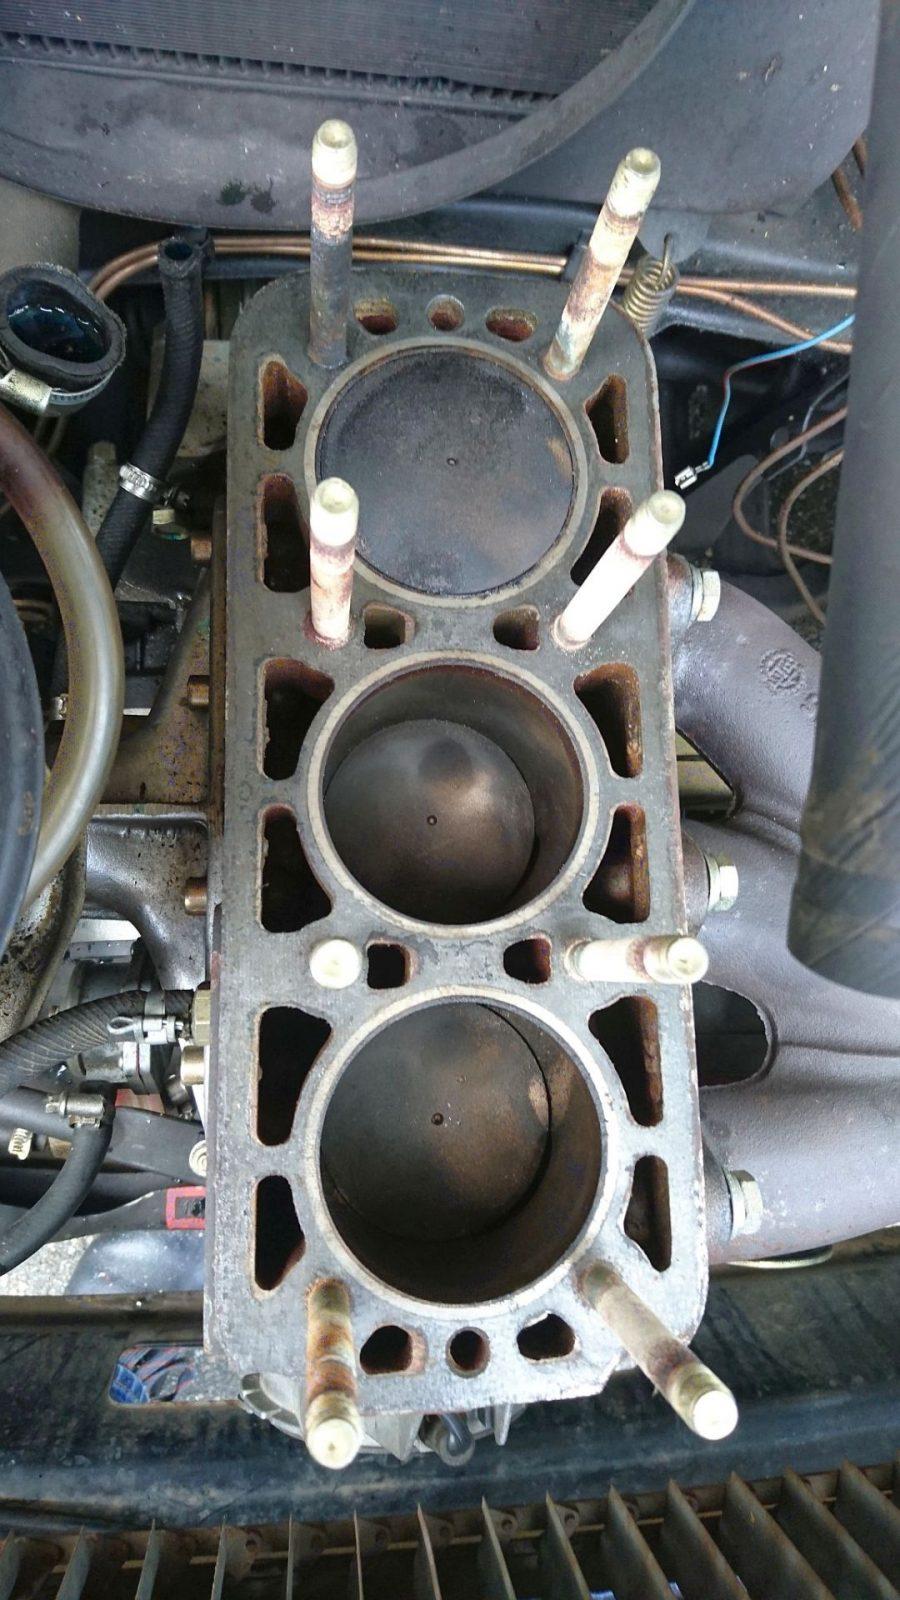 Draufsicht auf den Rumpfmotor mit den drei Kolben